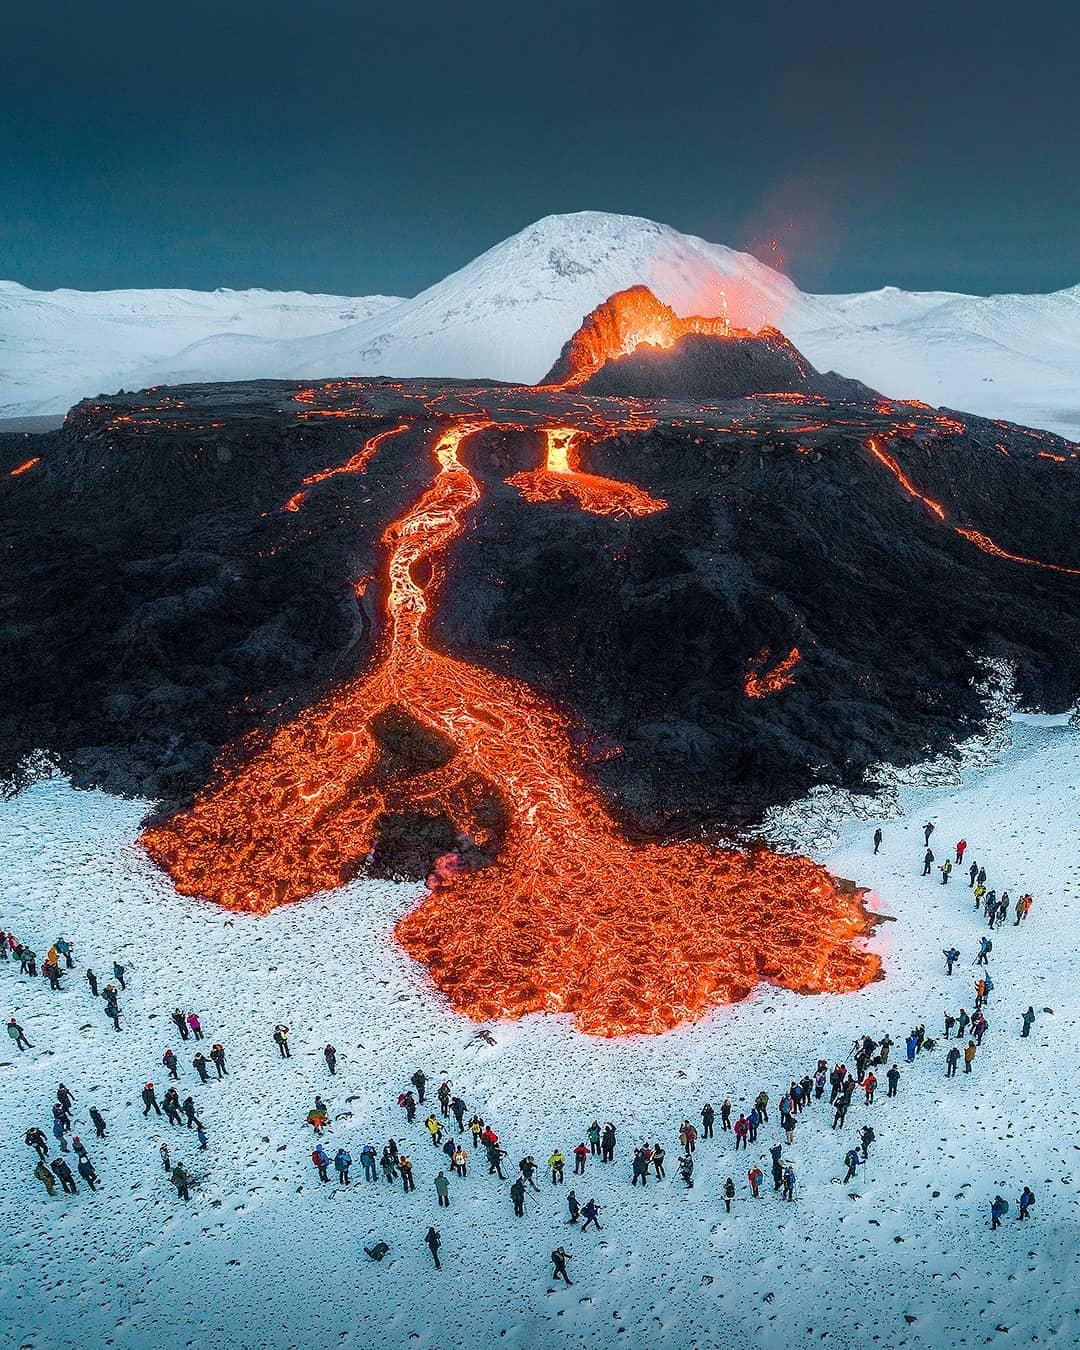 Dans le pays nordique, l'éruption du volcan Fagradalsfjall attire des milliers de touristes depuis le 19 mars déjà. Les dernières images de la lave dans la neige rendent la coulée d'autant plus féérique. https://t.co/9hmB8l6I88